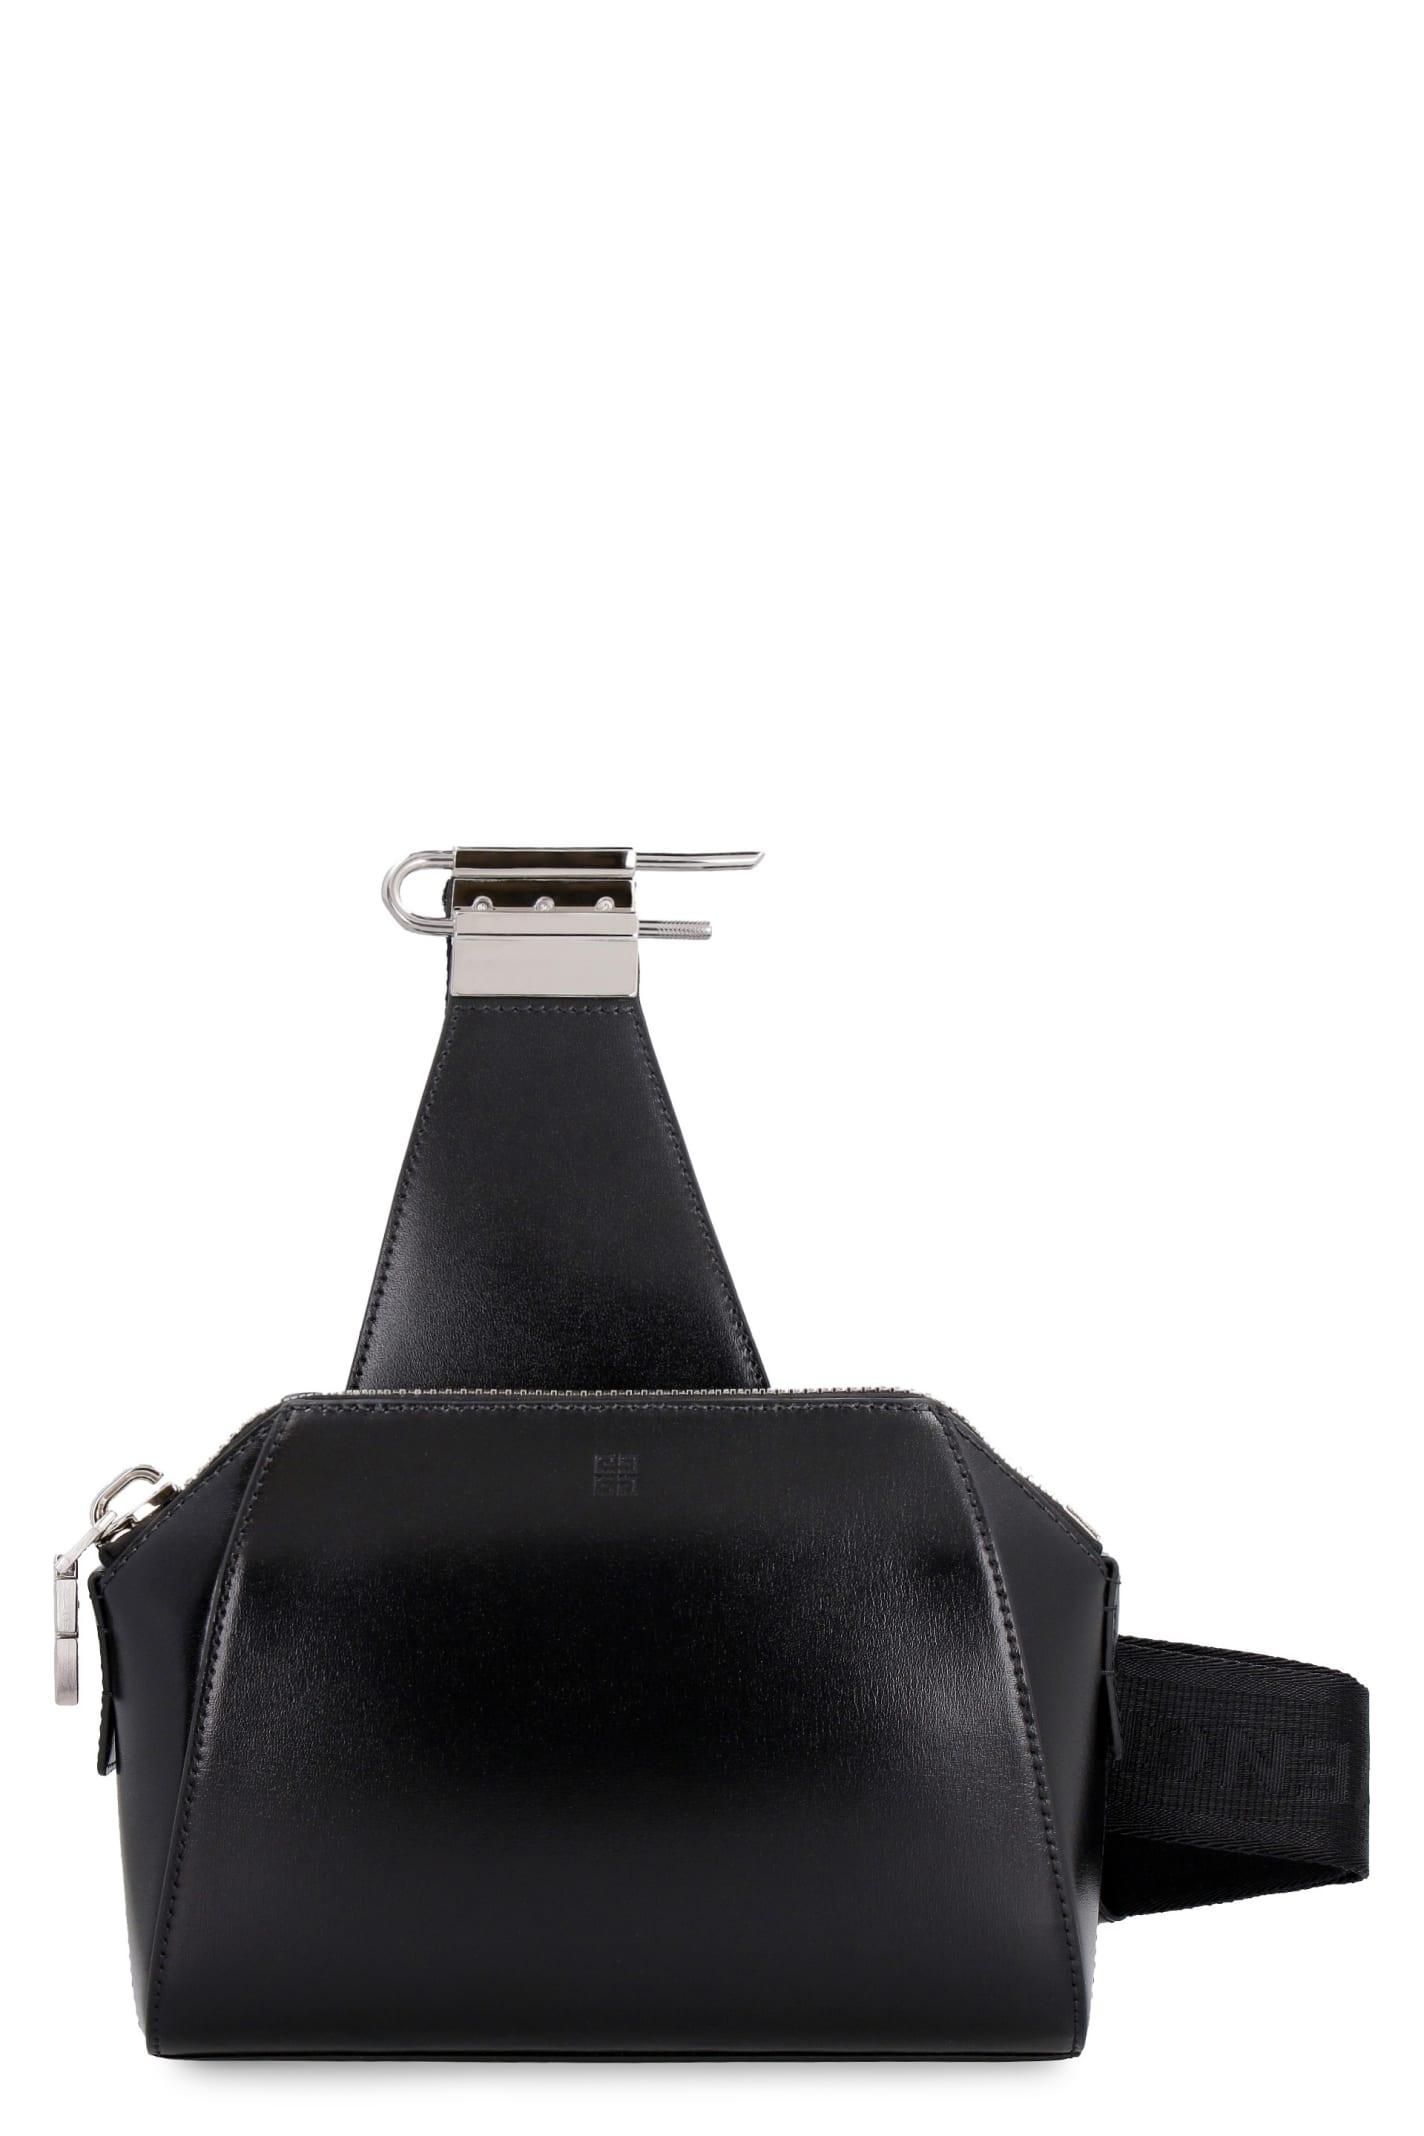 GIVENCHY ANTIGONA LEATHER SMALL MESSENGER BAG